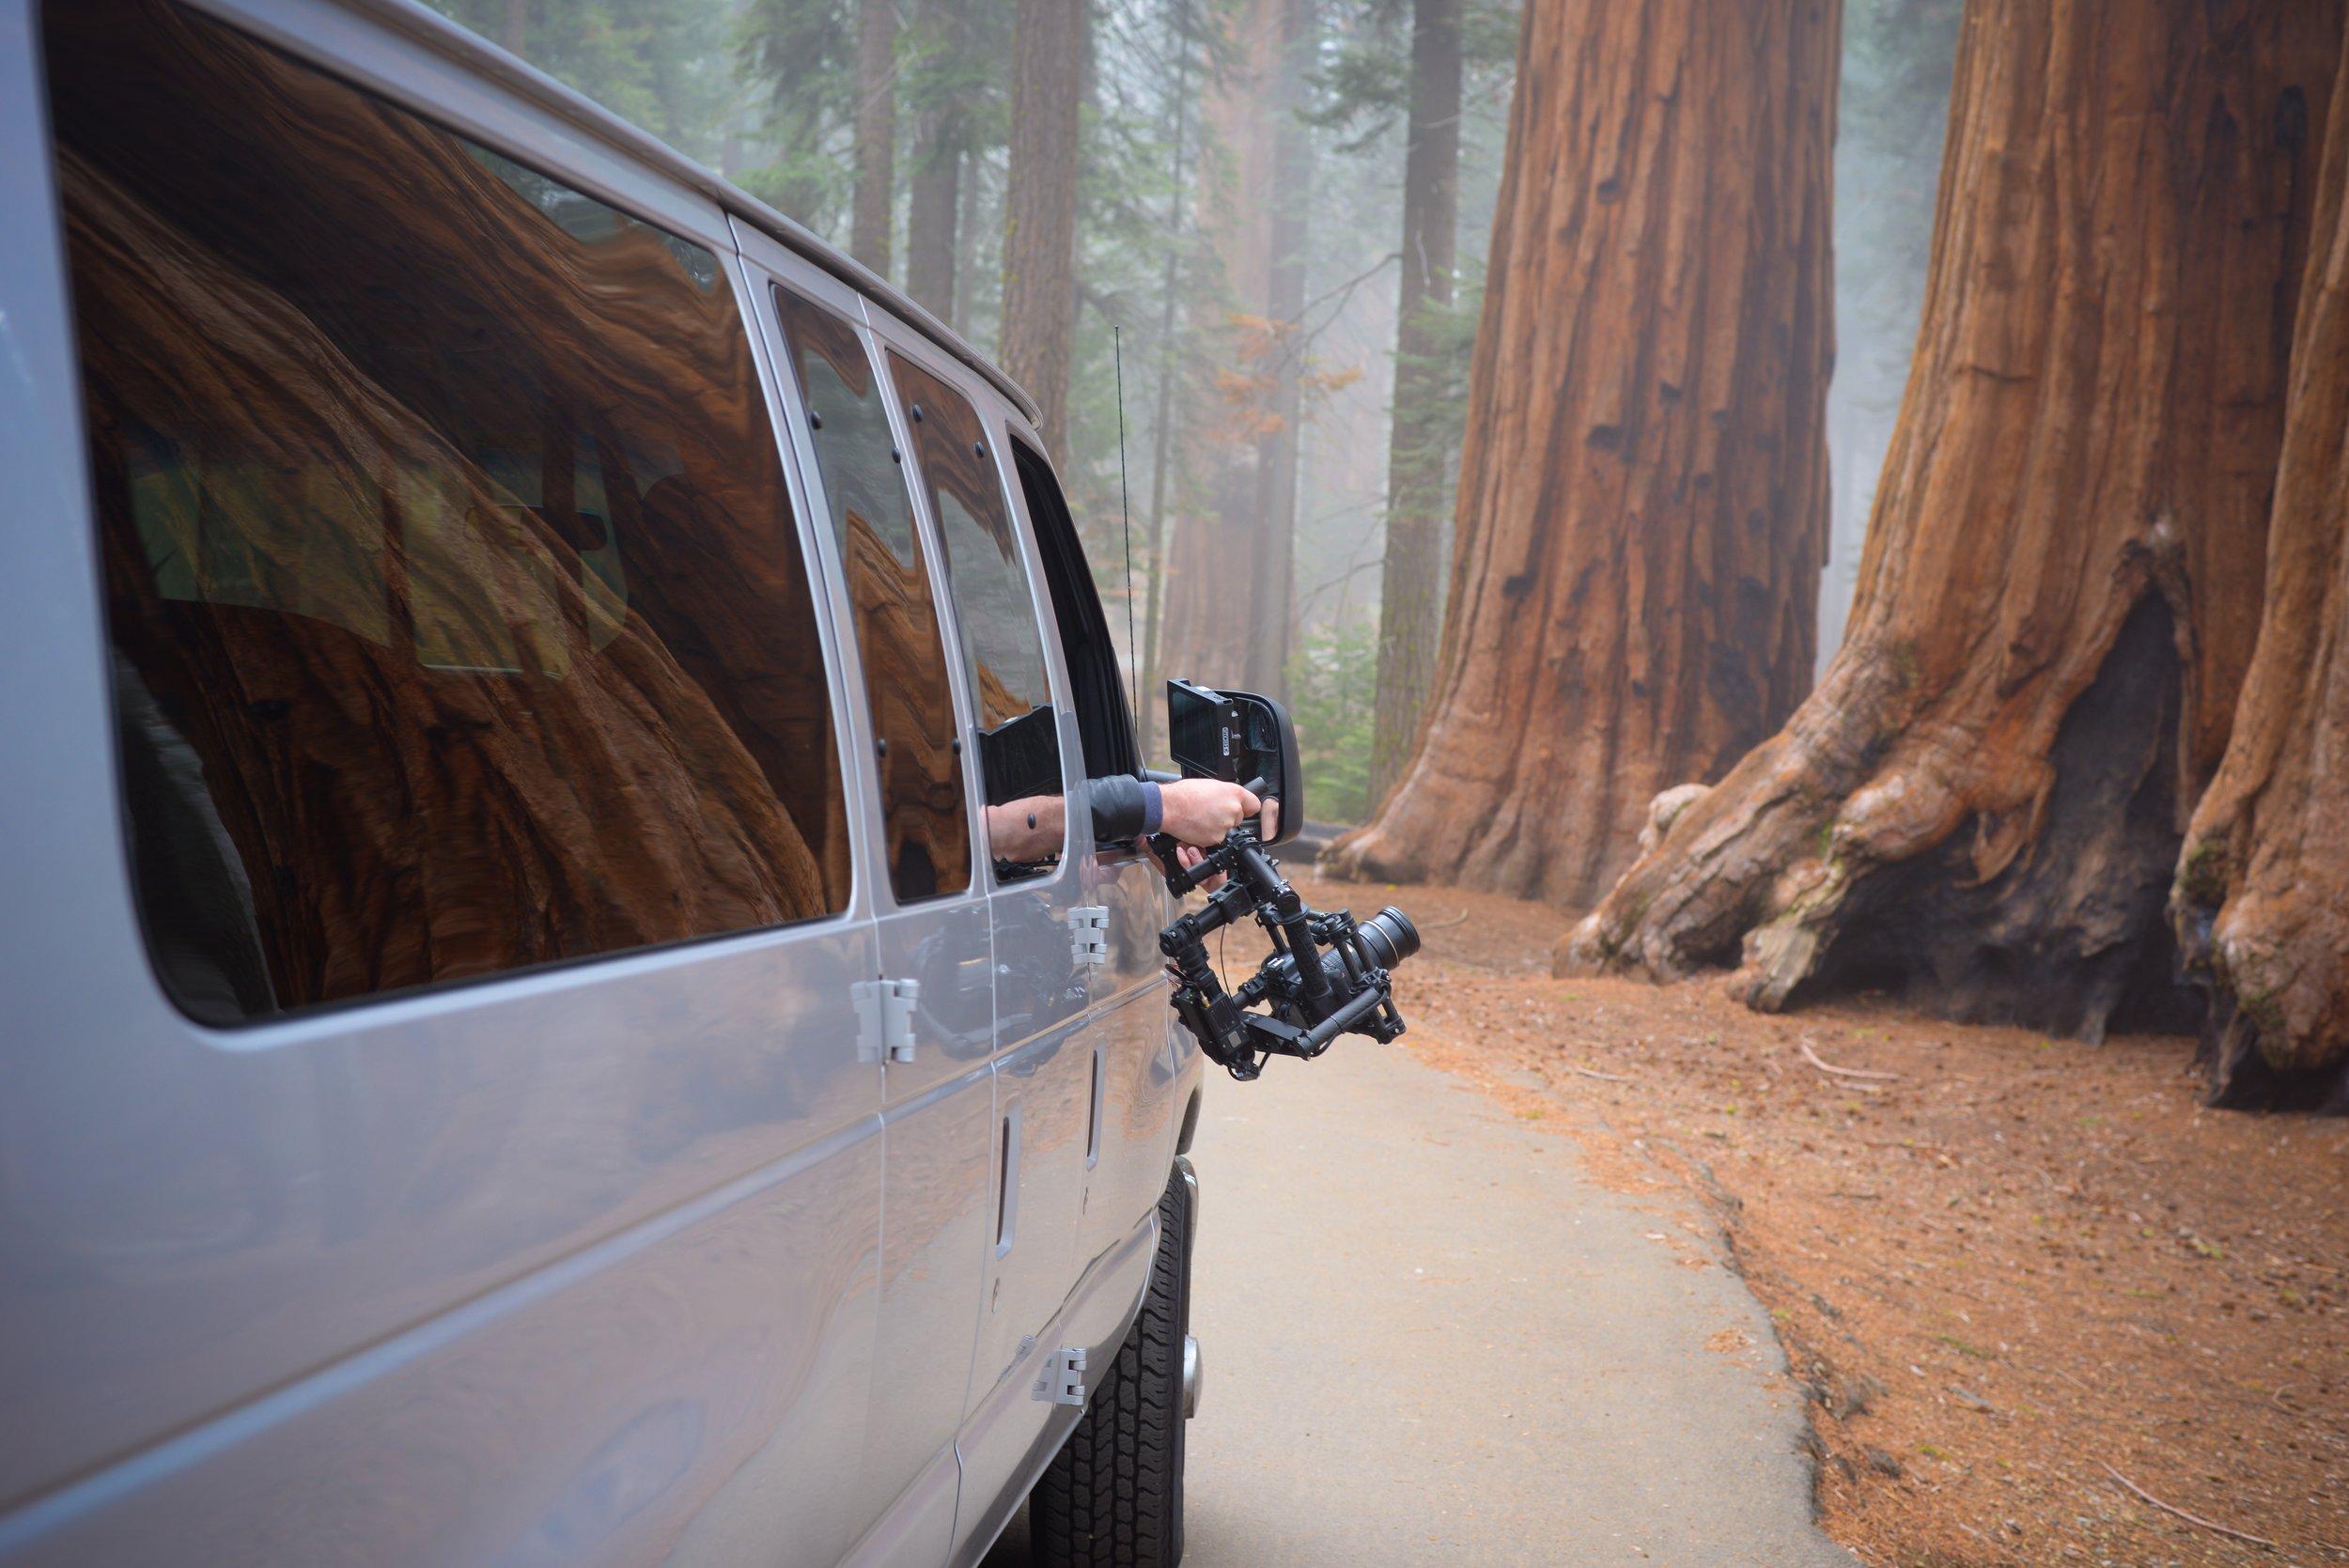 Movi in the Sequoias - April 2016 - California.JPG